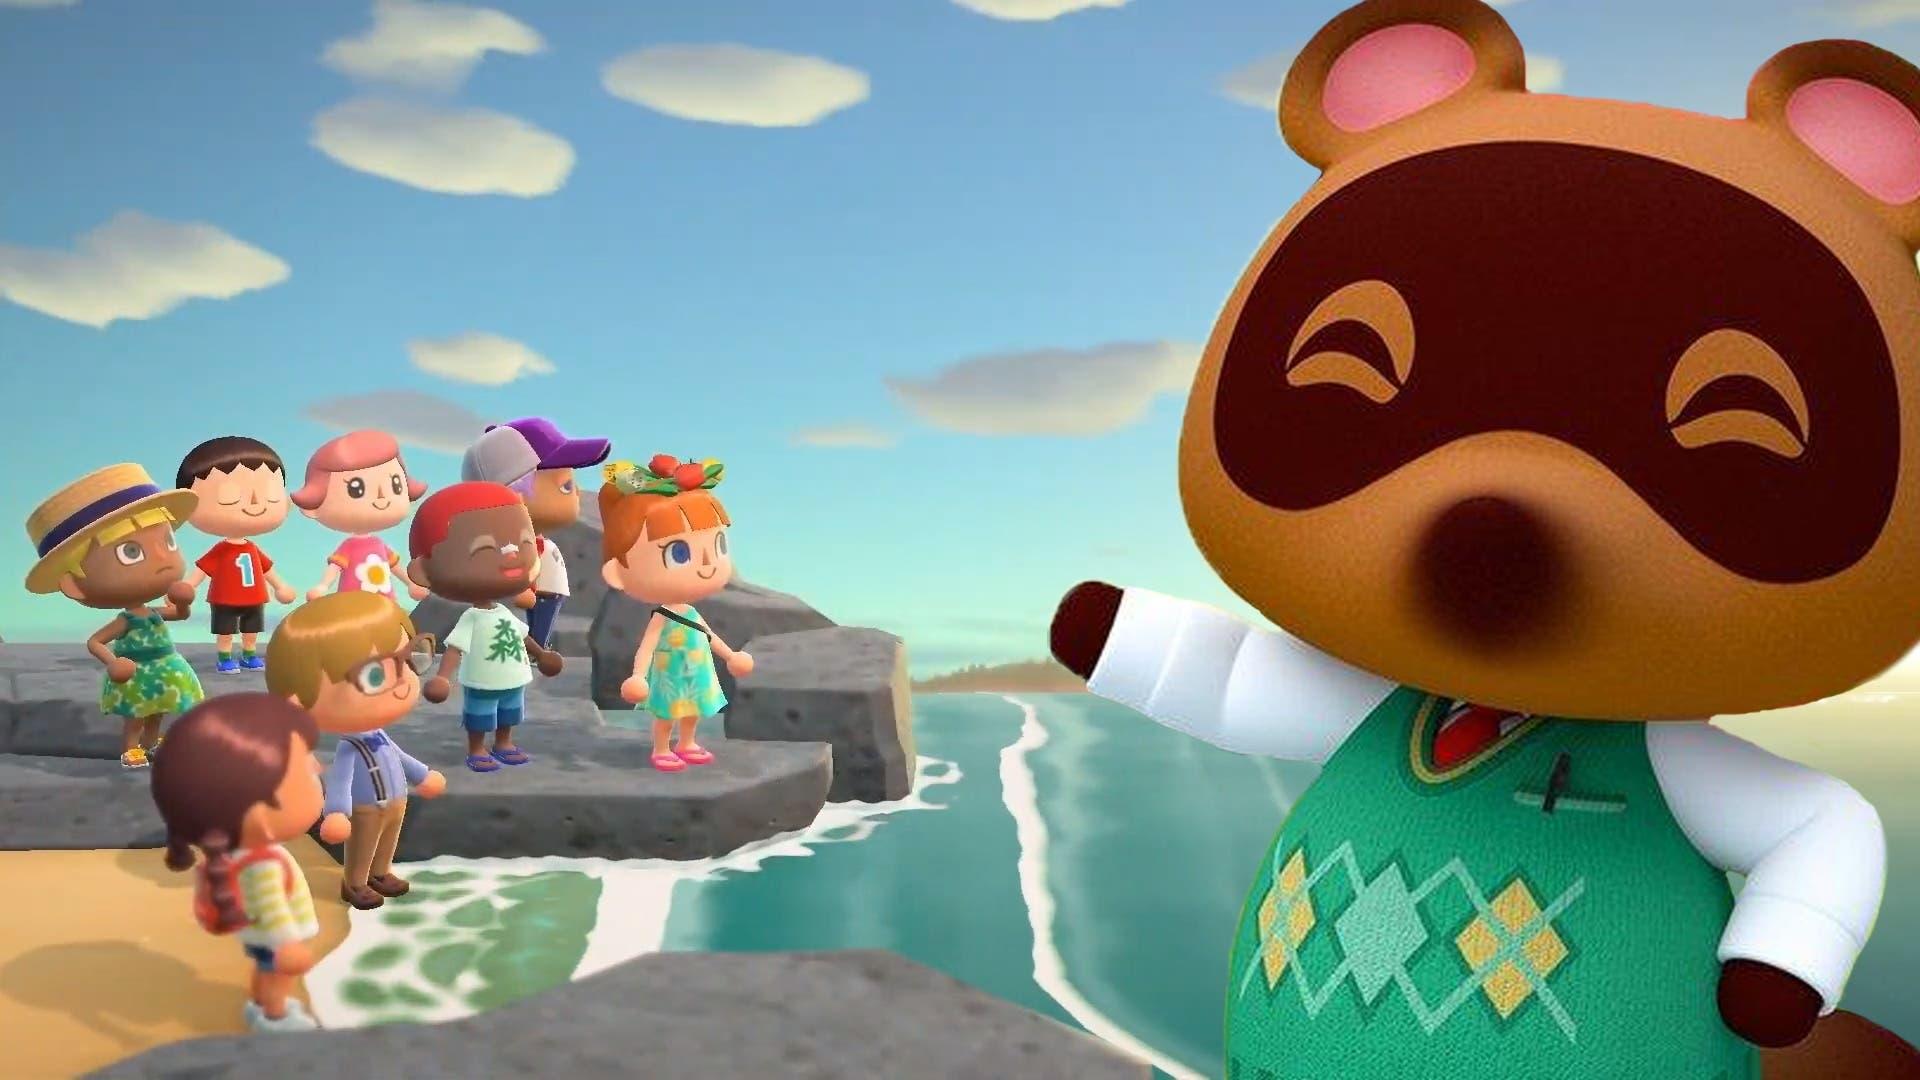 Buceo en Animal Crossing: New Horizons? Se filtra la actualización ...